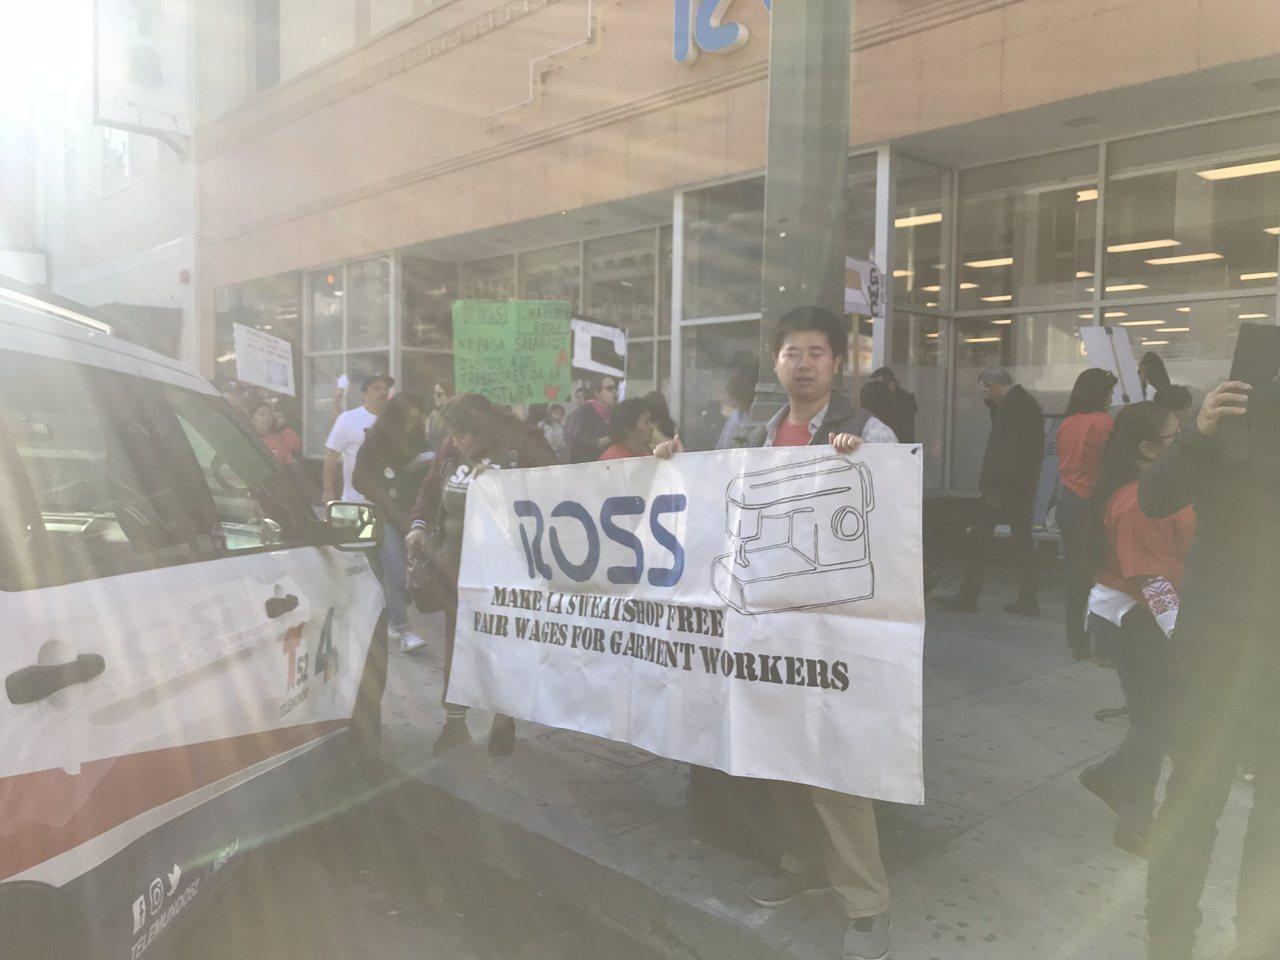 成衣廠工人抗議。記者張越/攝影